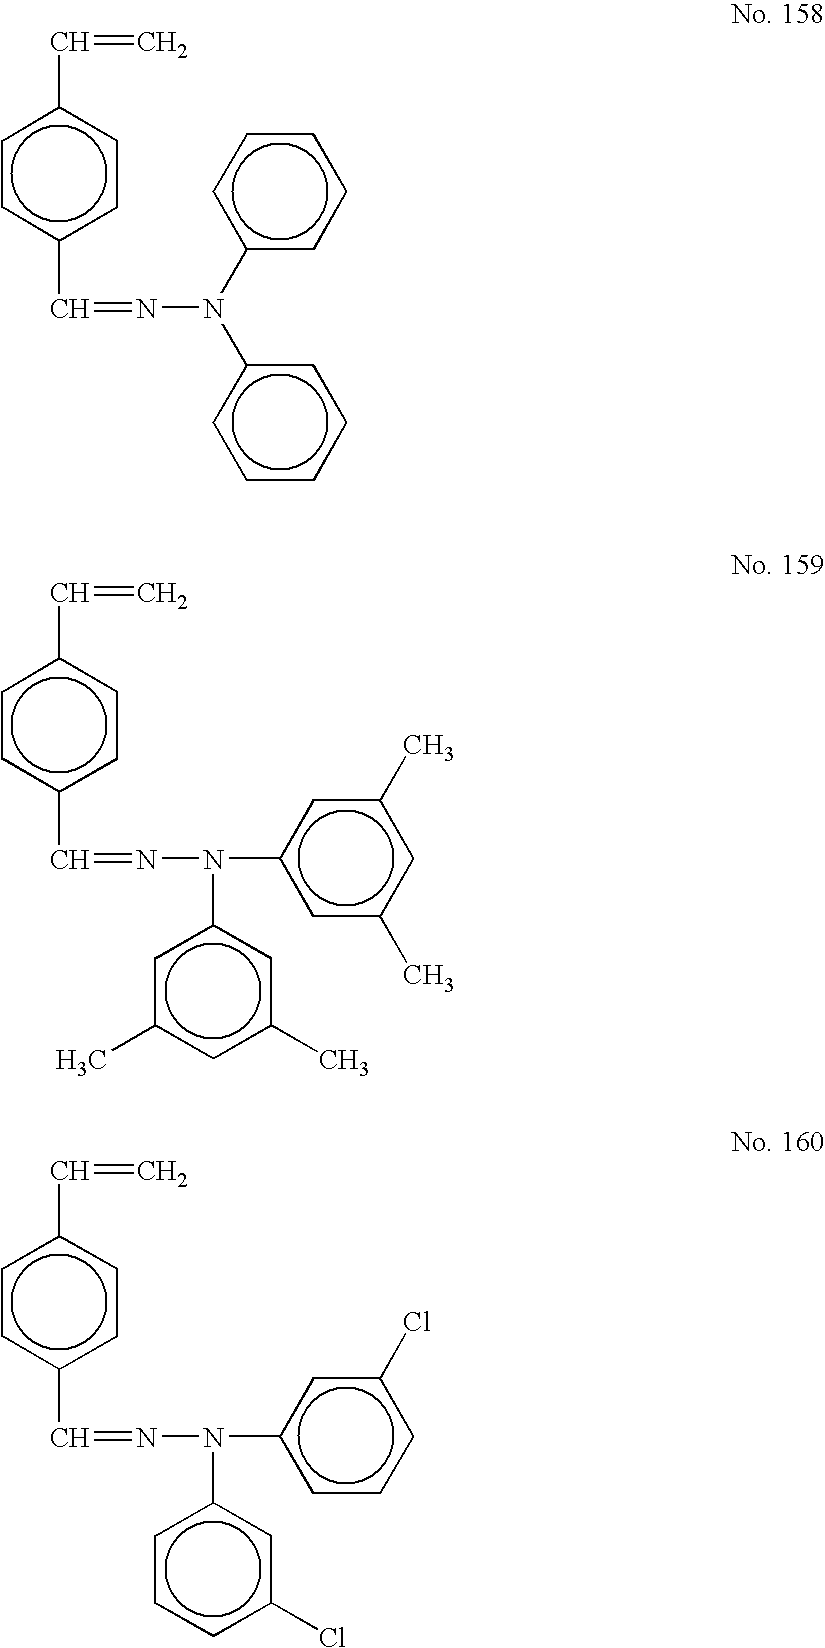 Figure US20050175911A1-20050811-C00054